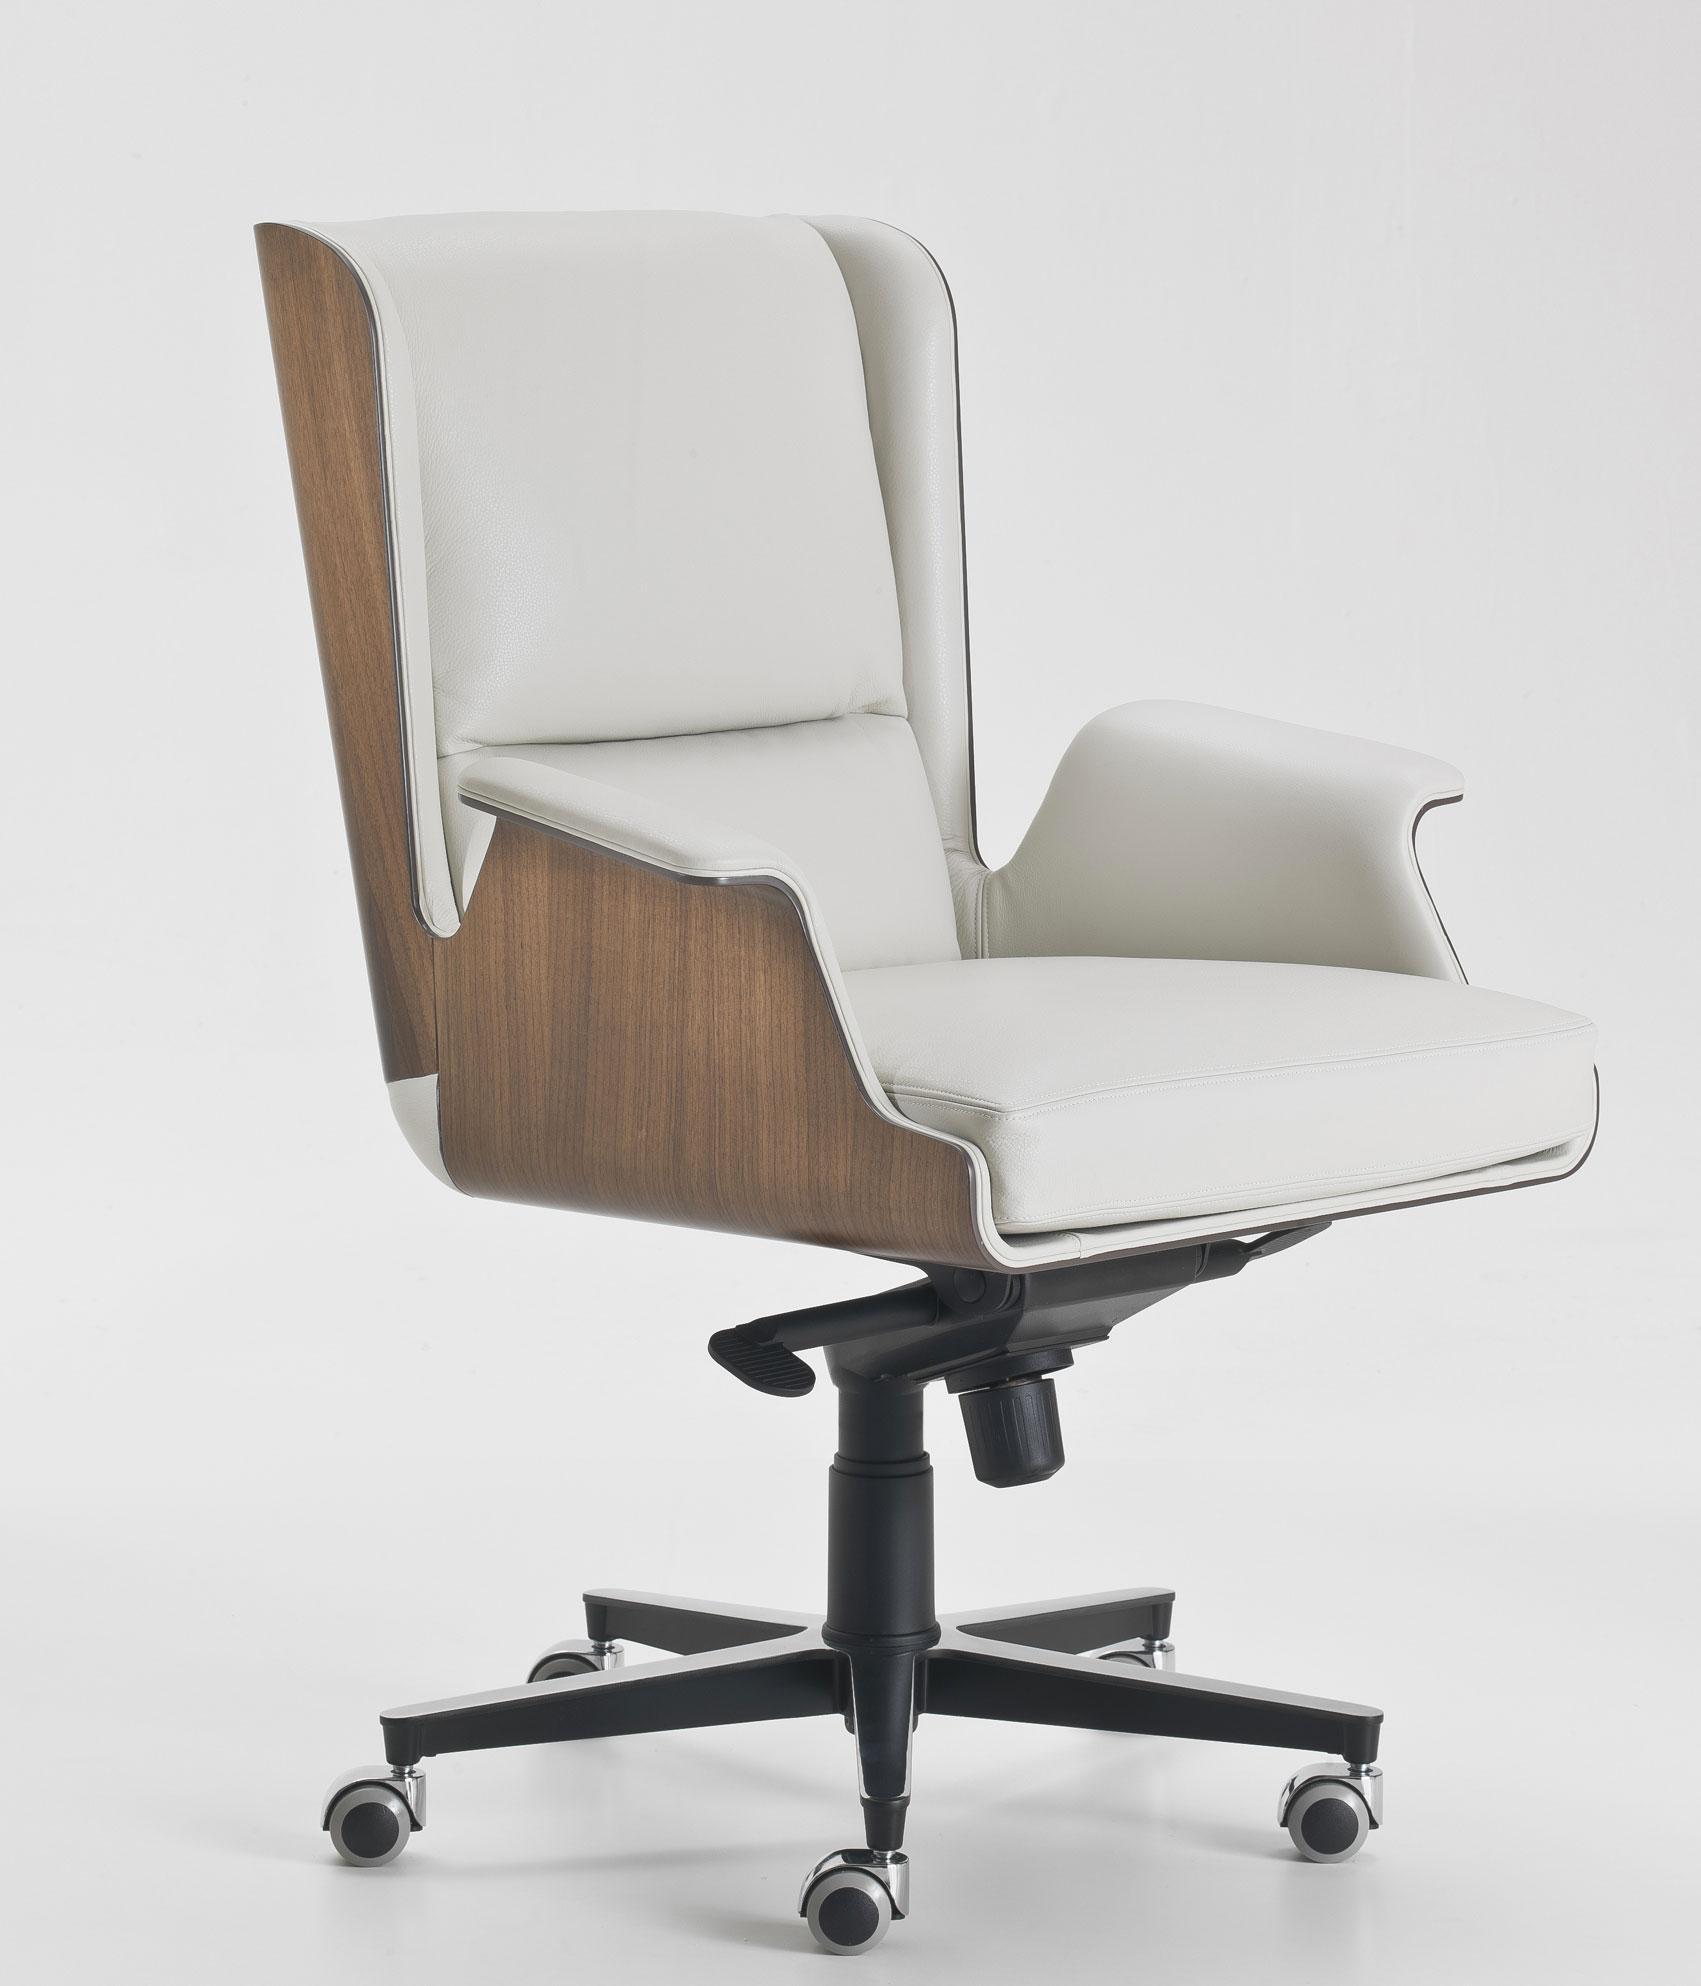 mobilier de bureau haut de gamme italien vente en ligne. Black Bedroom Furniture Sets. Home Design Ideas